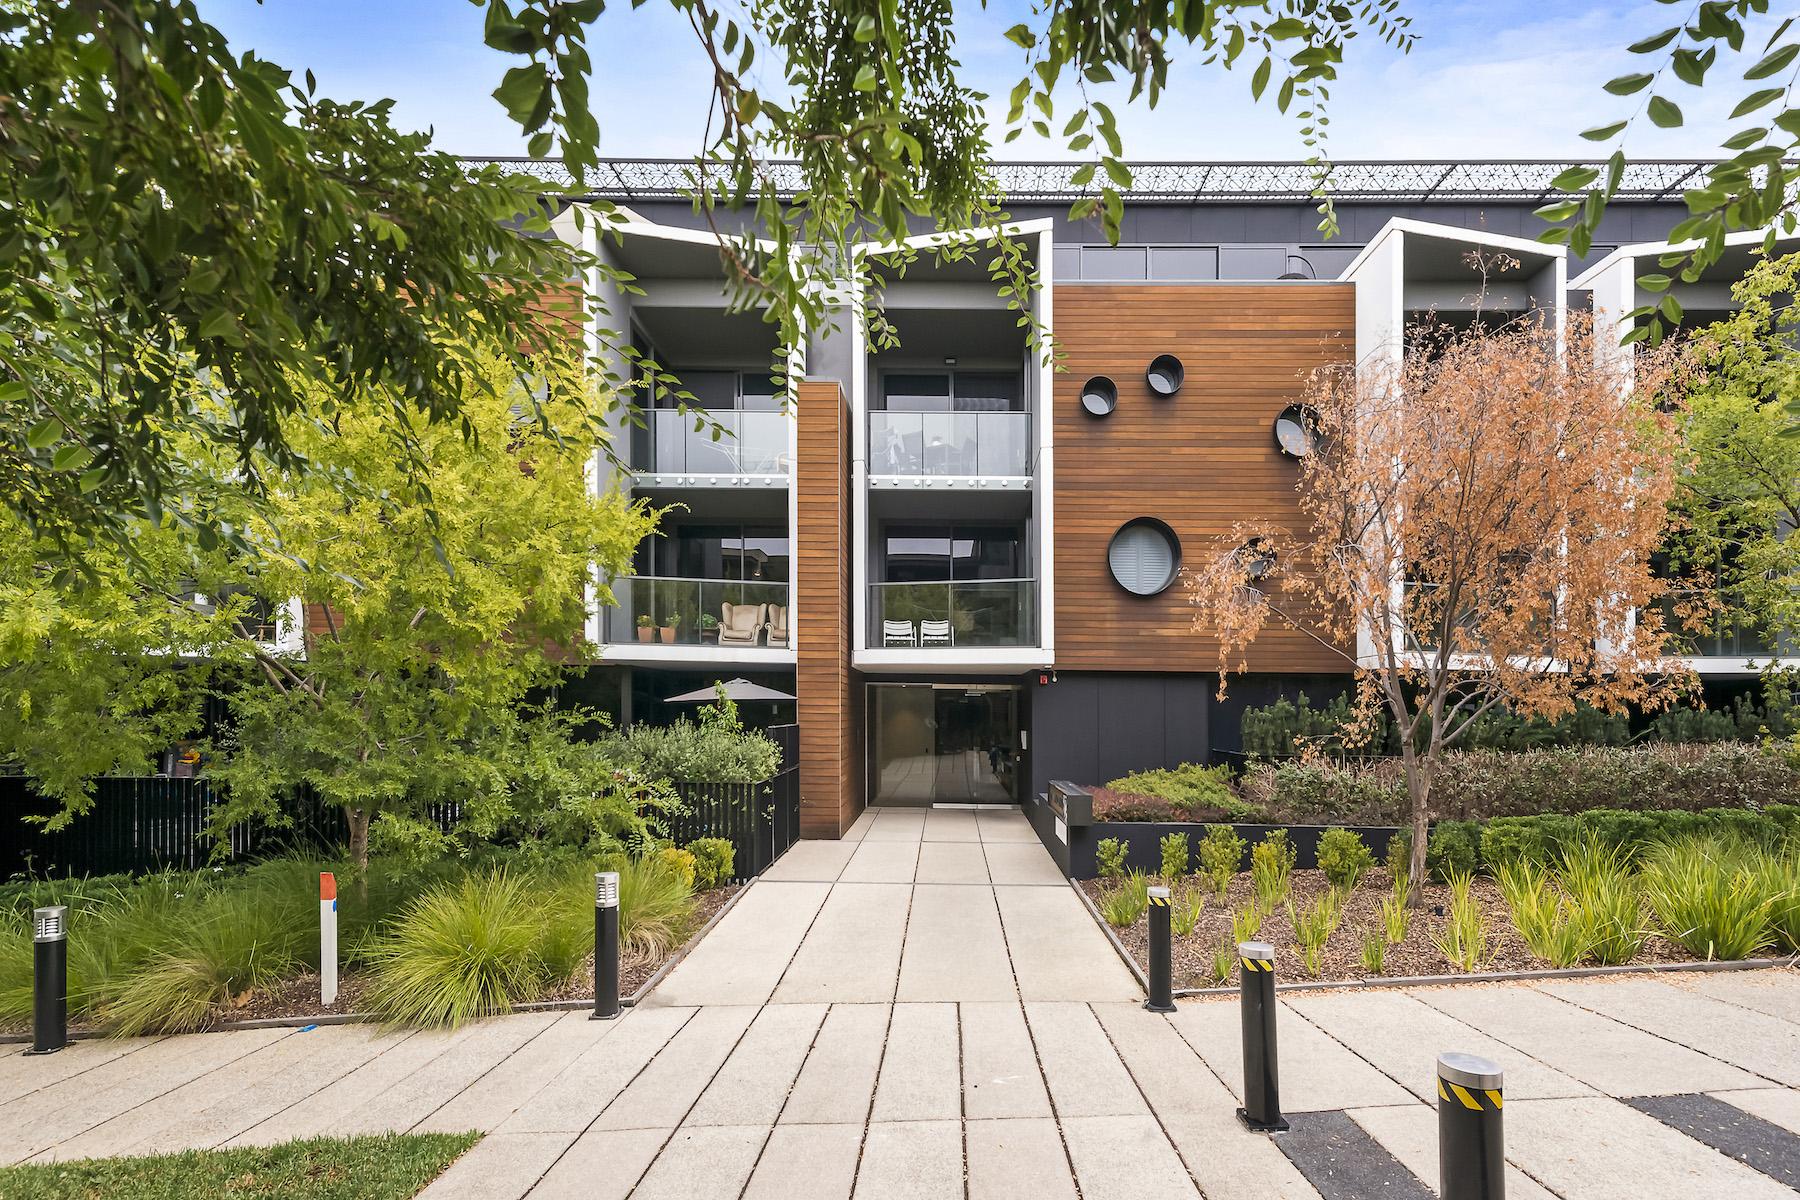 Apartamento por un Venta en 402/14 Elizabeth Street, Malvern 402/ 14 Elizabeth Street, Malvern Melbourne, Victoria, 3142 Australia